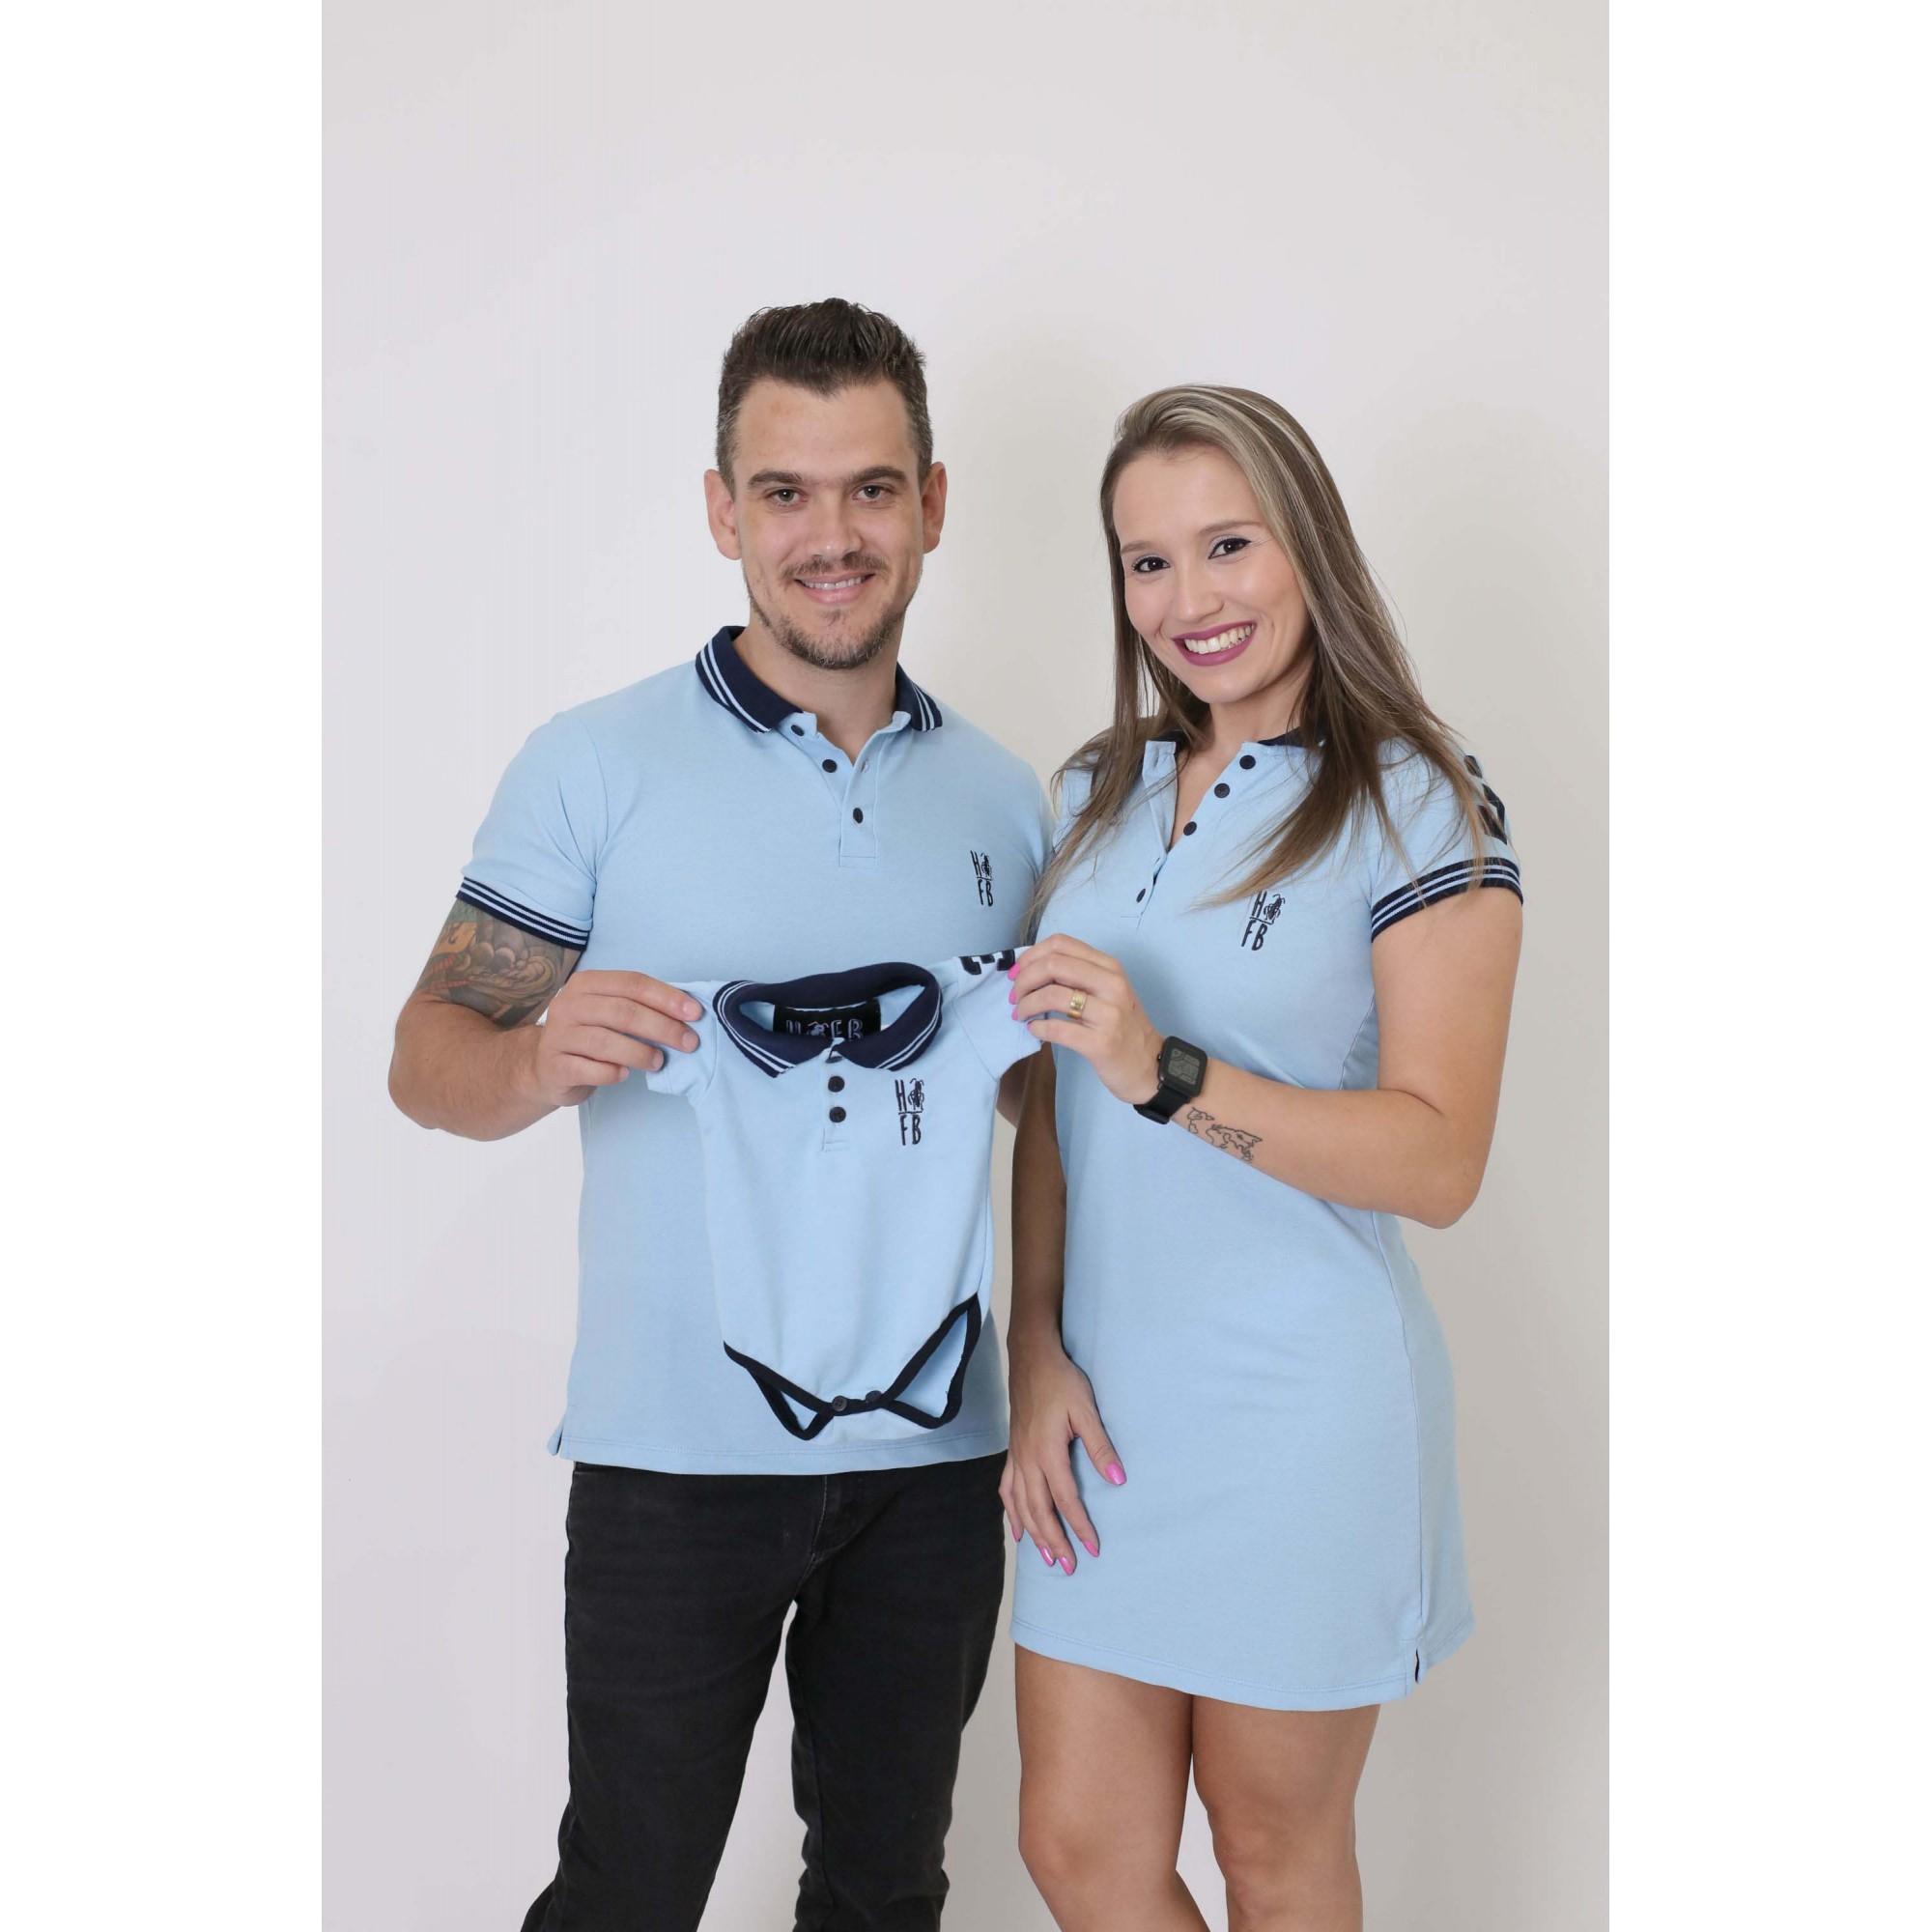 PAIS E FILHOS > Kit 3 Peças - Camisa + Vestido + Body Unissex - Azul Nobreza [Coleção Família]  - Heitor Fashion Brazil